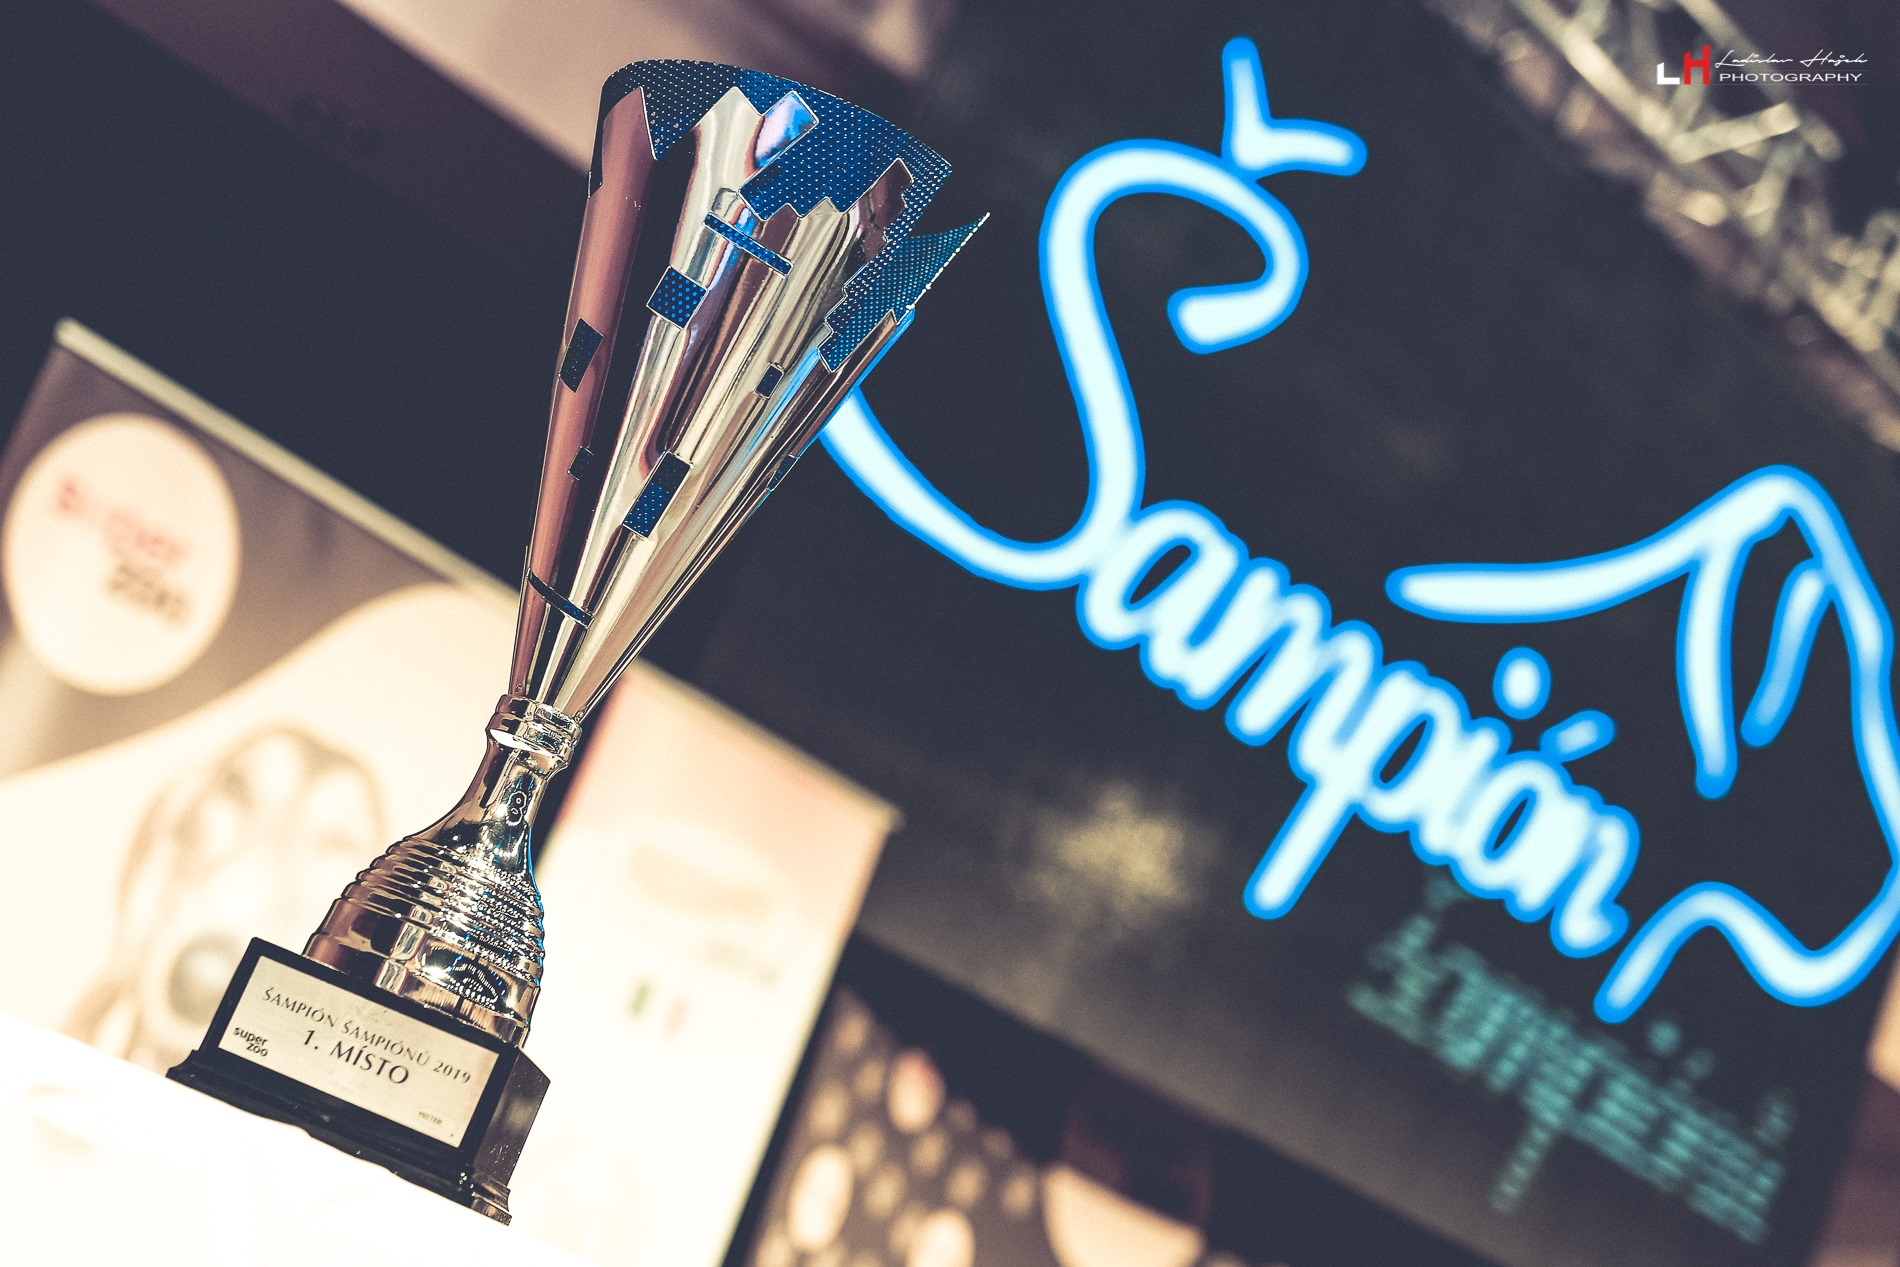 PES ROKU CZ &ŠAMPION ŠAMPIONŮ 2019, TOP HOTEL PRAHA 18.1.2020